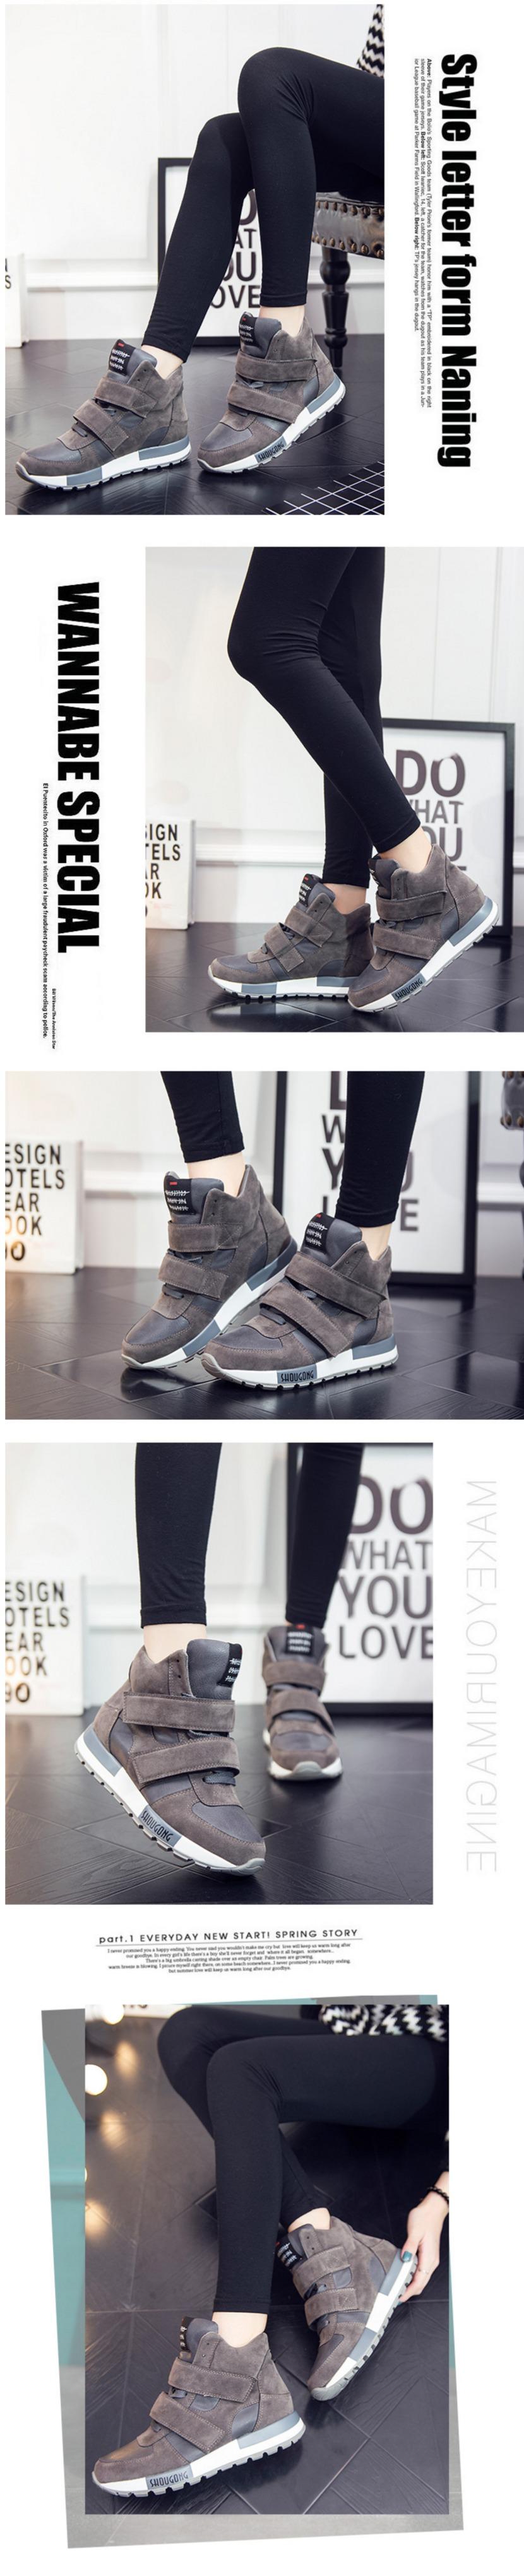 รองเท้าผ้าใบส้นสูง Velcro หนังนิ่ม